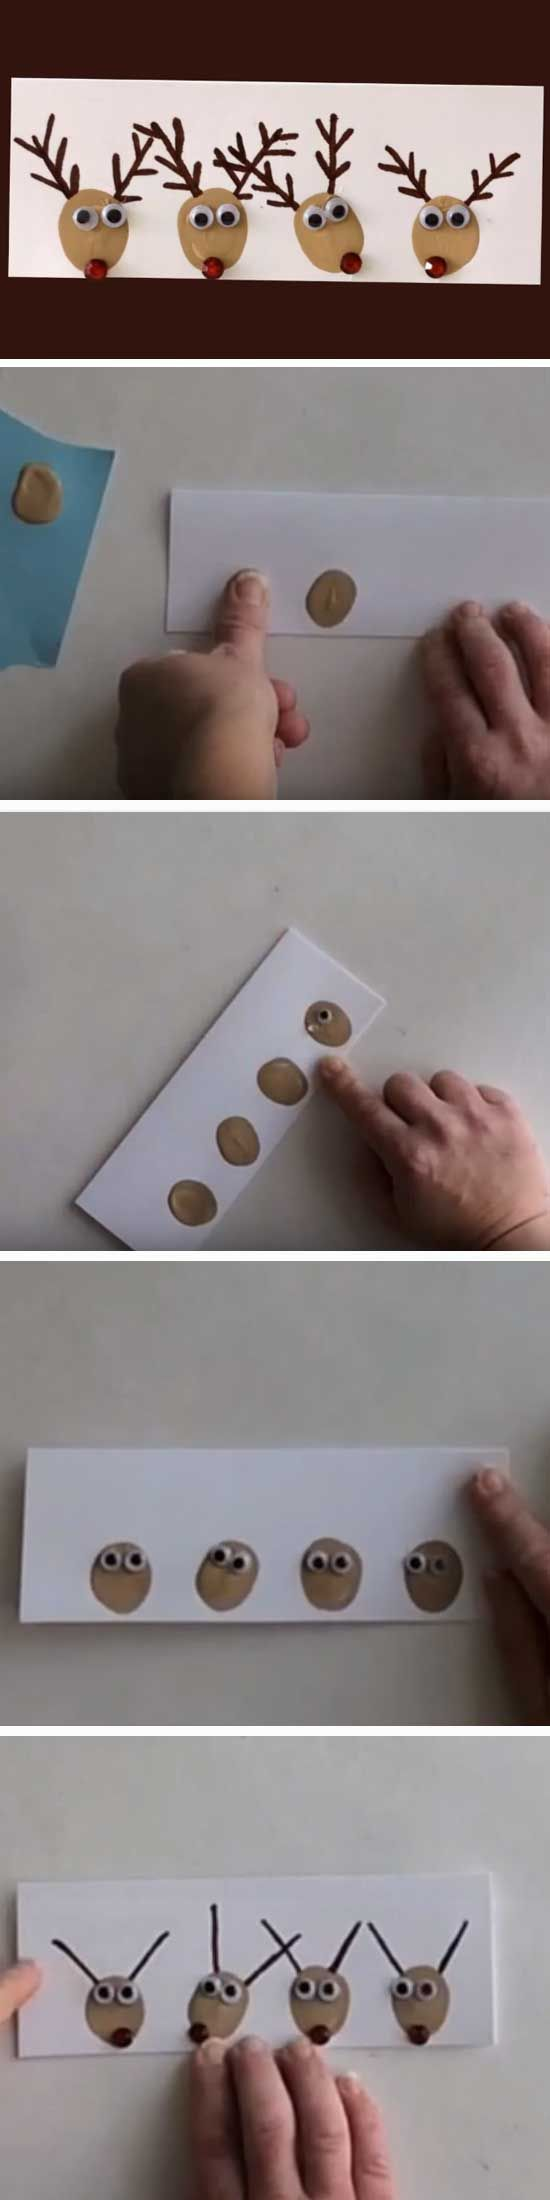 Thumbprint Reindeers | 20 + DIY Christmas Cards for Kids to Make